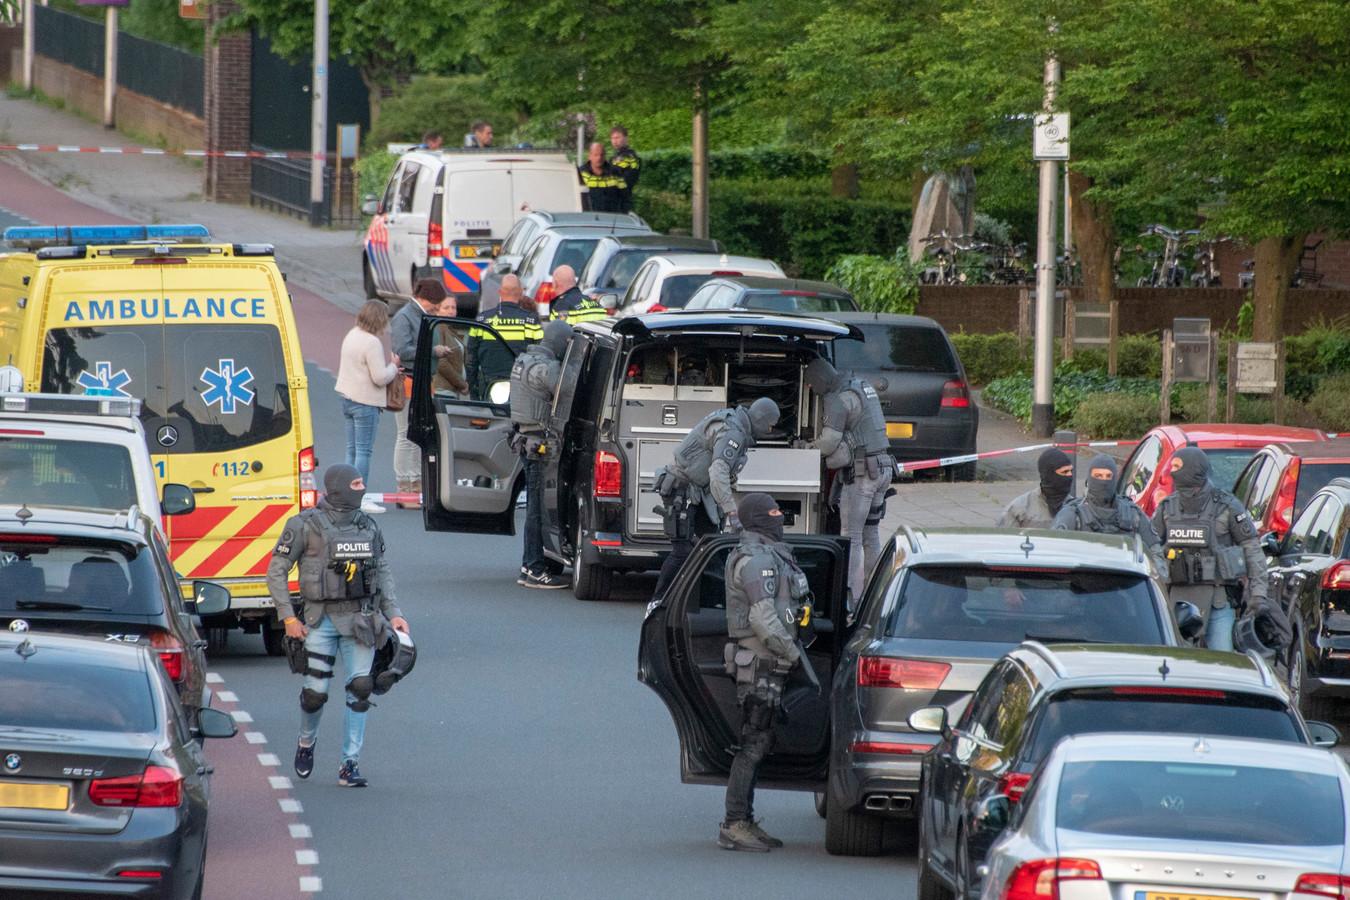 Arrestatieteam voor verwarde man in de St. Jansstraat in Ottersum. Politie zet doorgaande weg helemaal af.